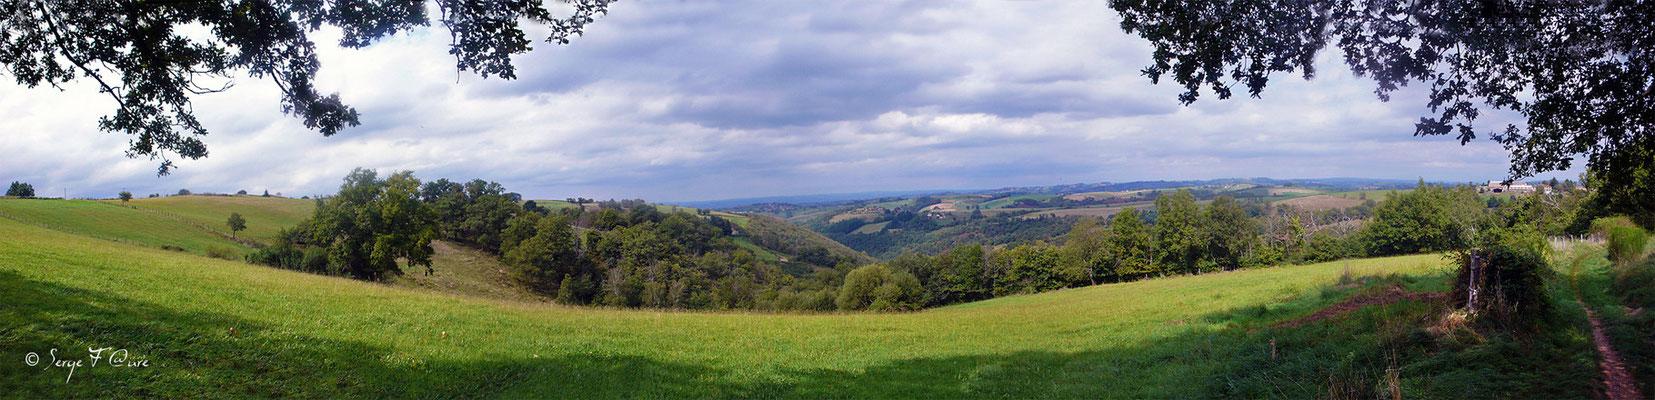 Photo panoramique - Sur le chemin de St Jacques de Compostelle (santiago de compostela) - Le Chemin du Puy ou Via Podiensis (variante par Rocamadour)